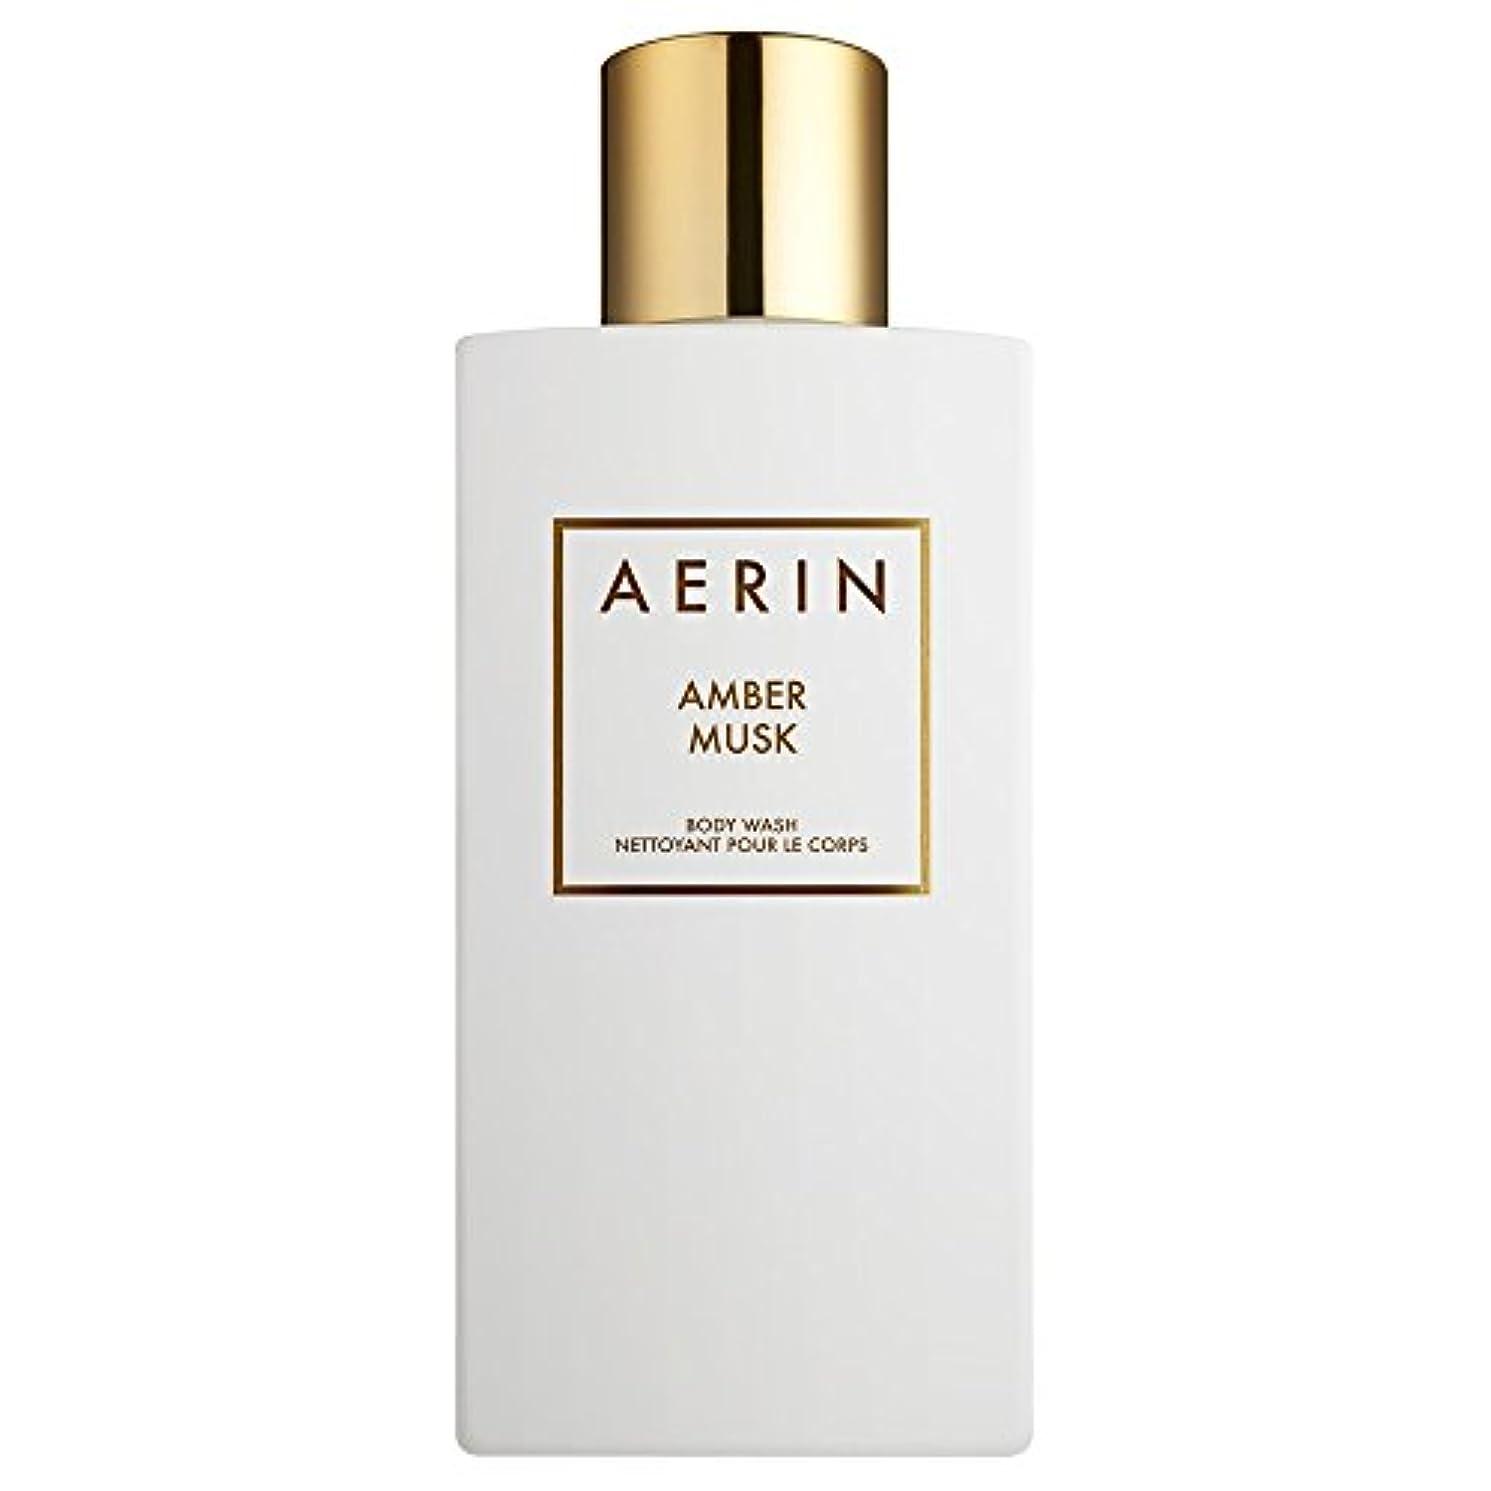 ハング勤勉な愛されし者Aerinアンバームスクボディウォッシュ225ミリリットル (AERIN) (x2) - AERIN Amber Musk Bodywash 225ml (Pack of 2) [並行輸入品]